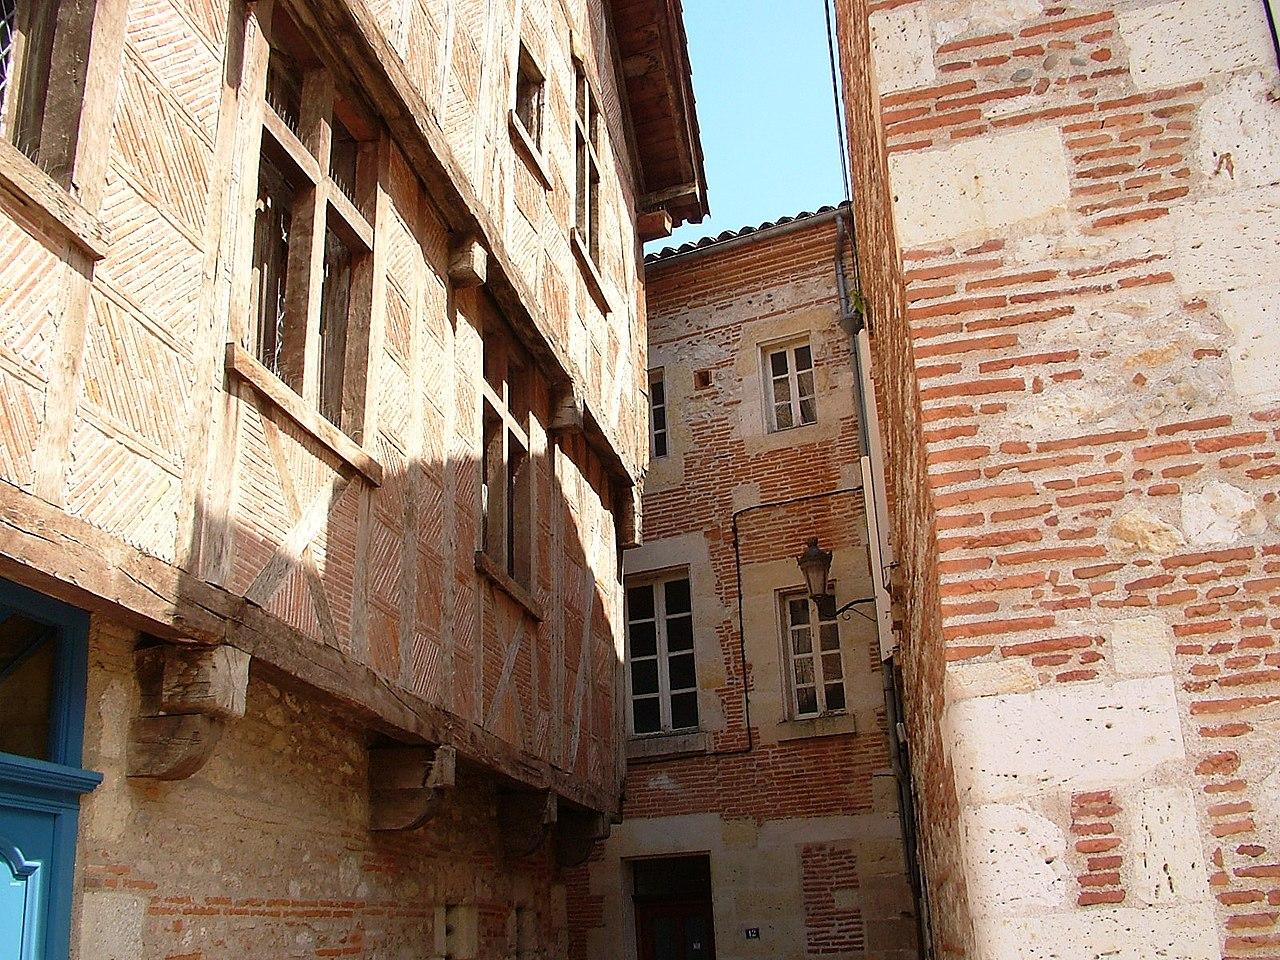 Agen France  city photos : Fichier d'origine  1 600 × 1 200 pixels, taille du fichier : 602 ...